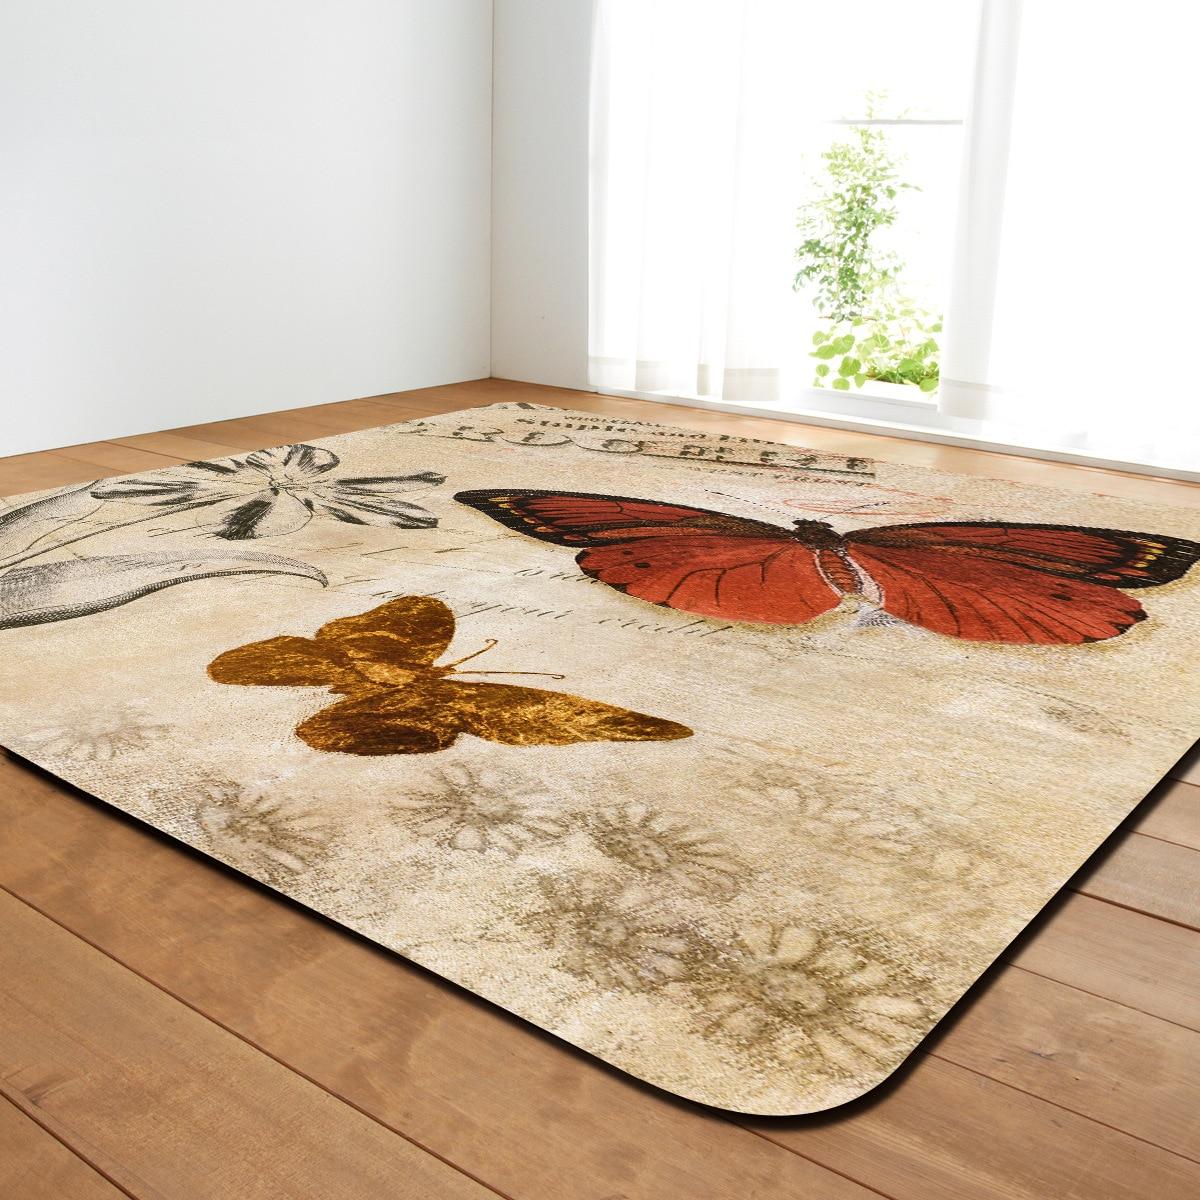 3D Schmetterling Malerei Teppiche Für Die Moderne Wohnzimmer Decor ...